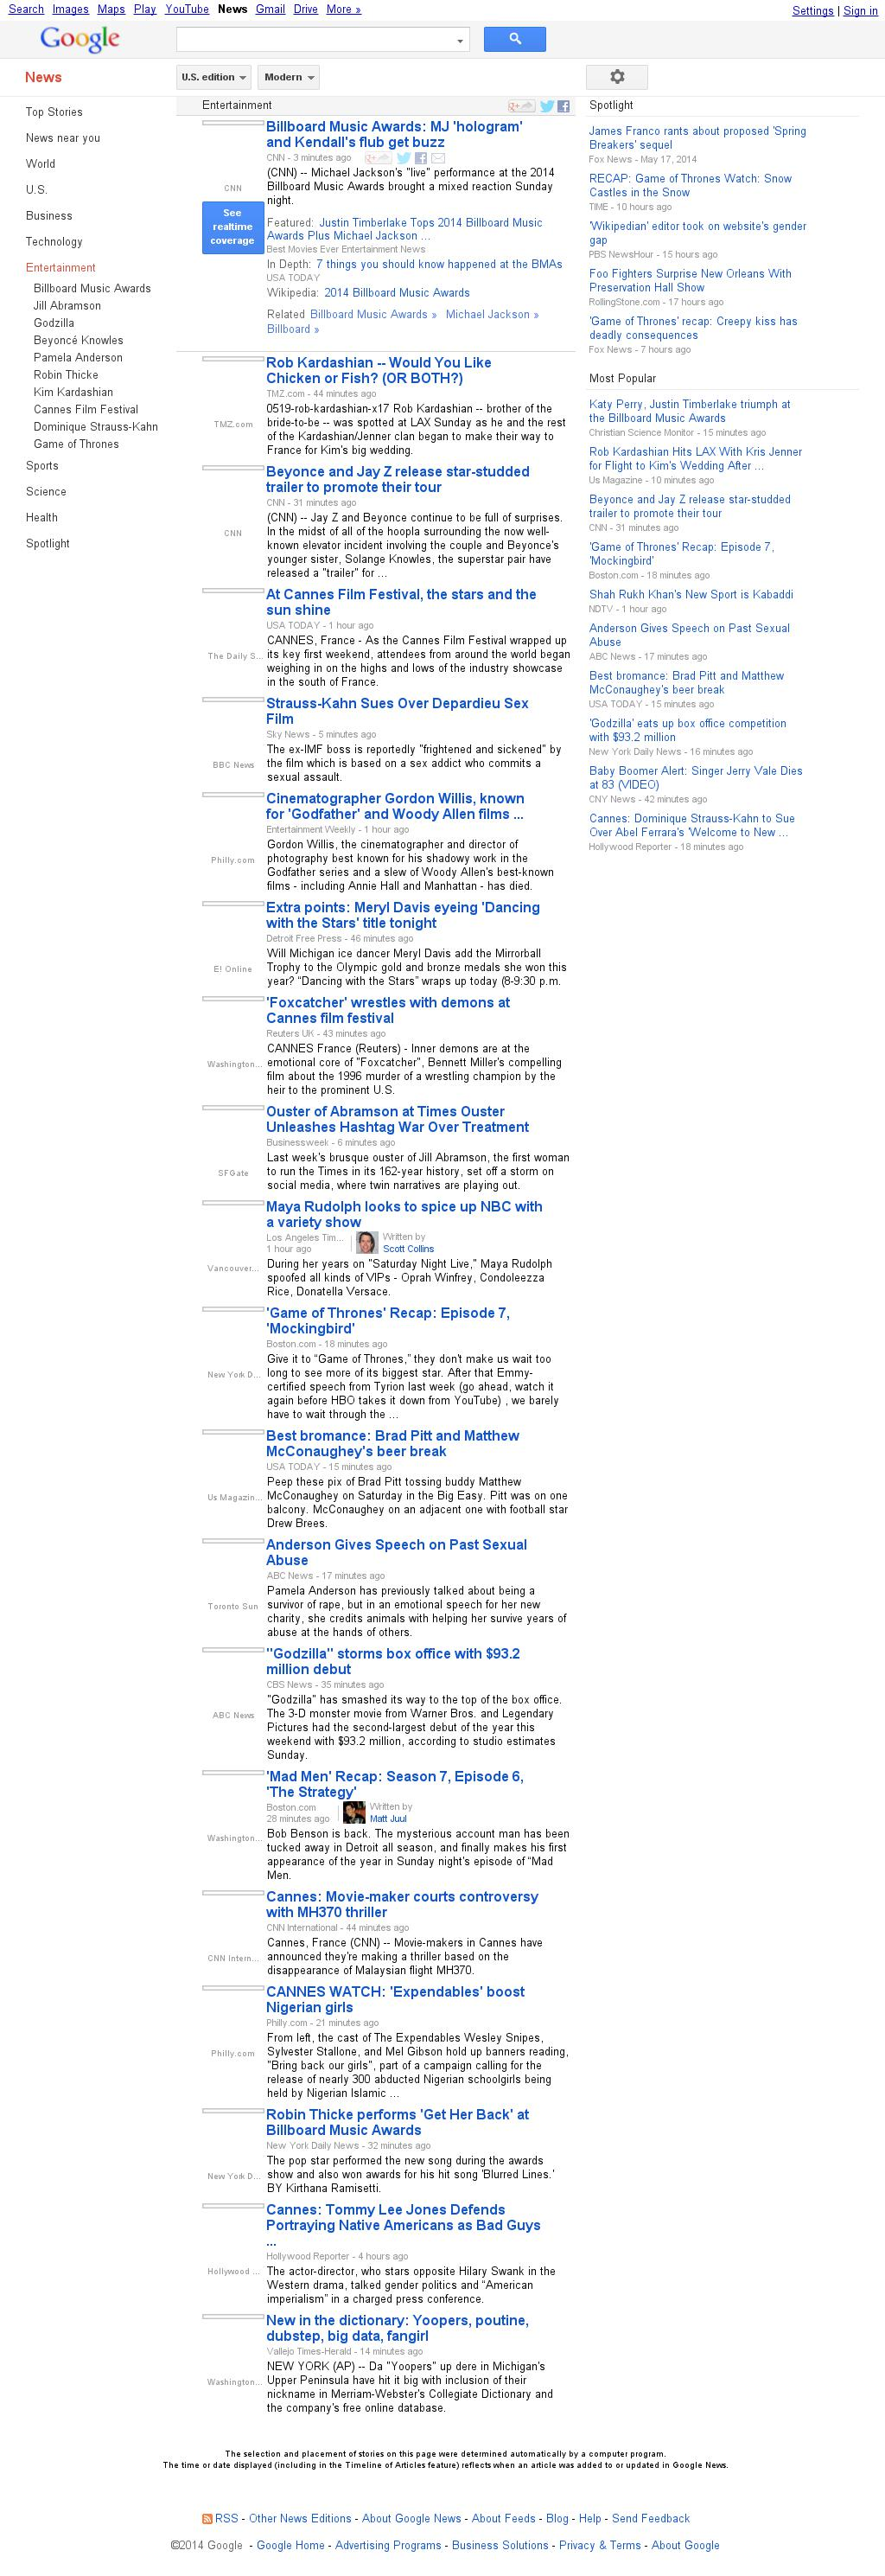 Google News: Entertainment at Monday May 19, 2014, 2:06 p.m. UTC